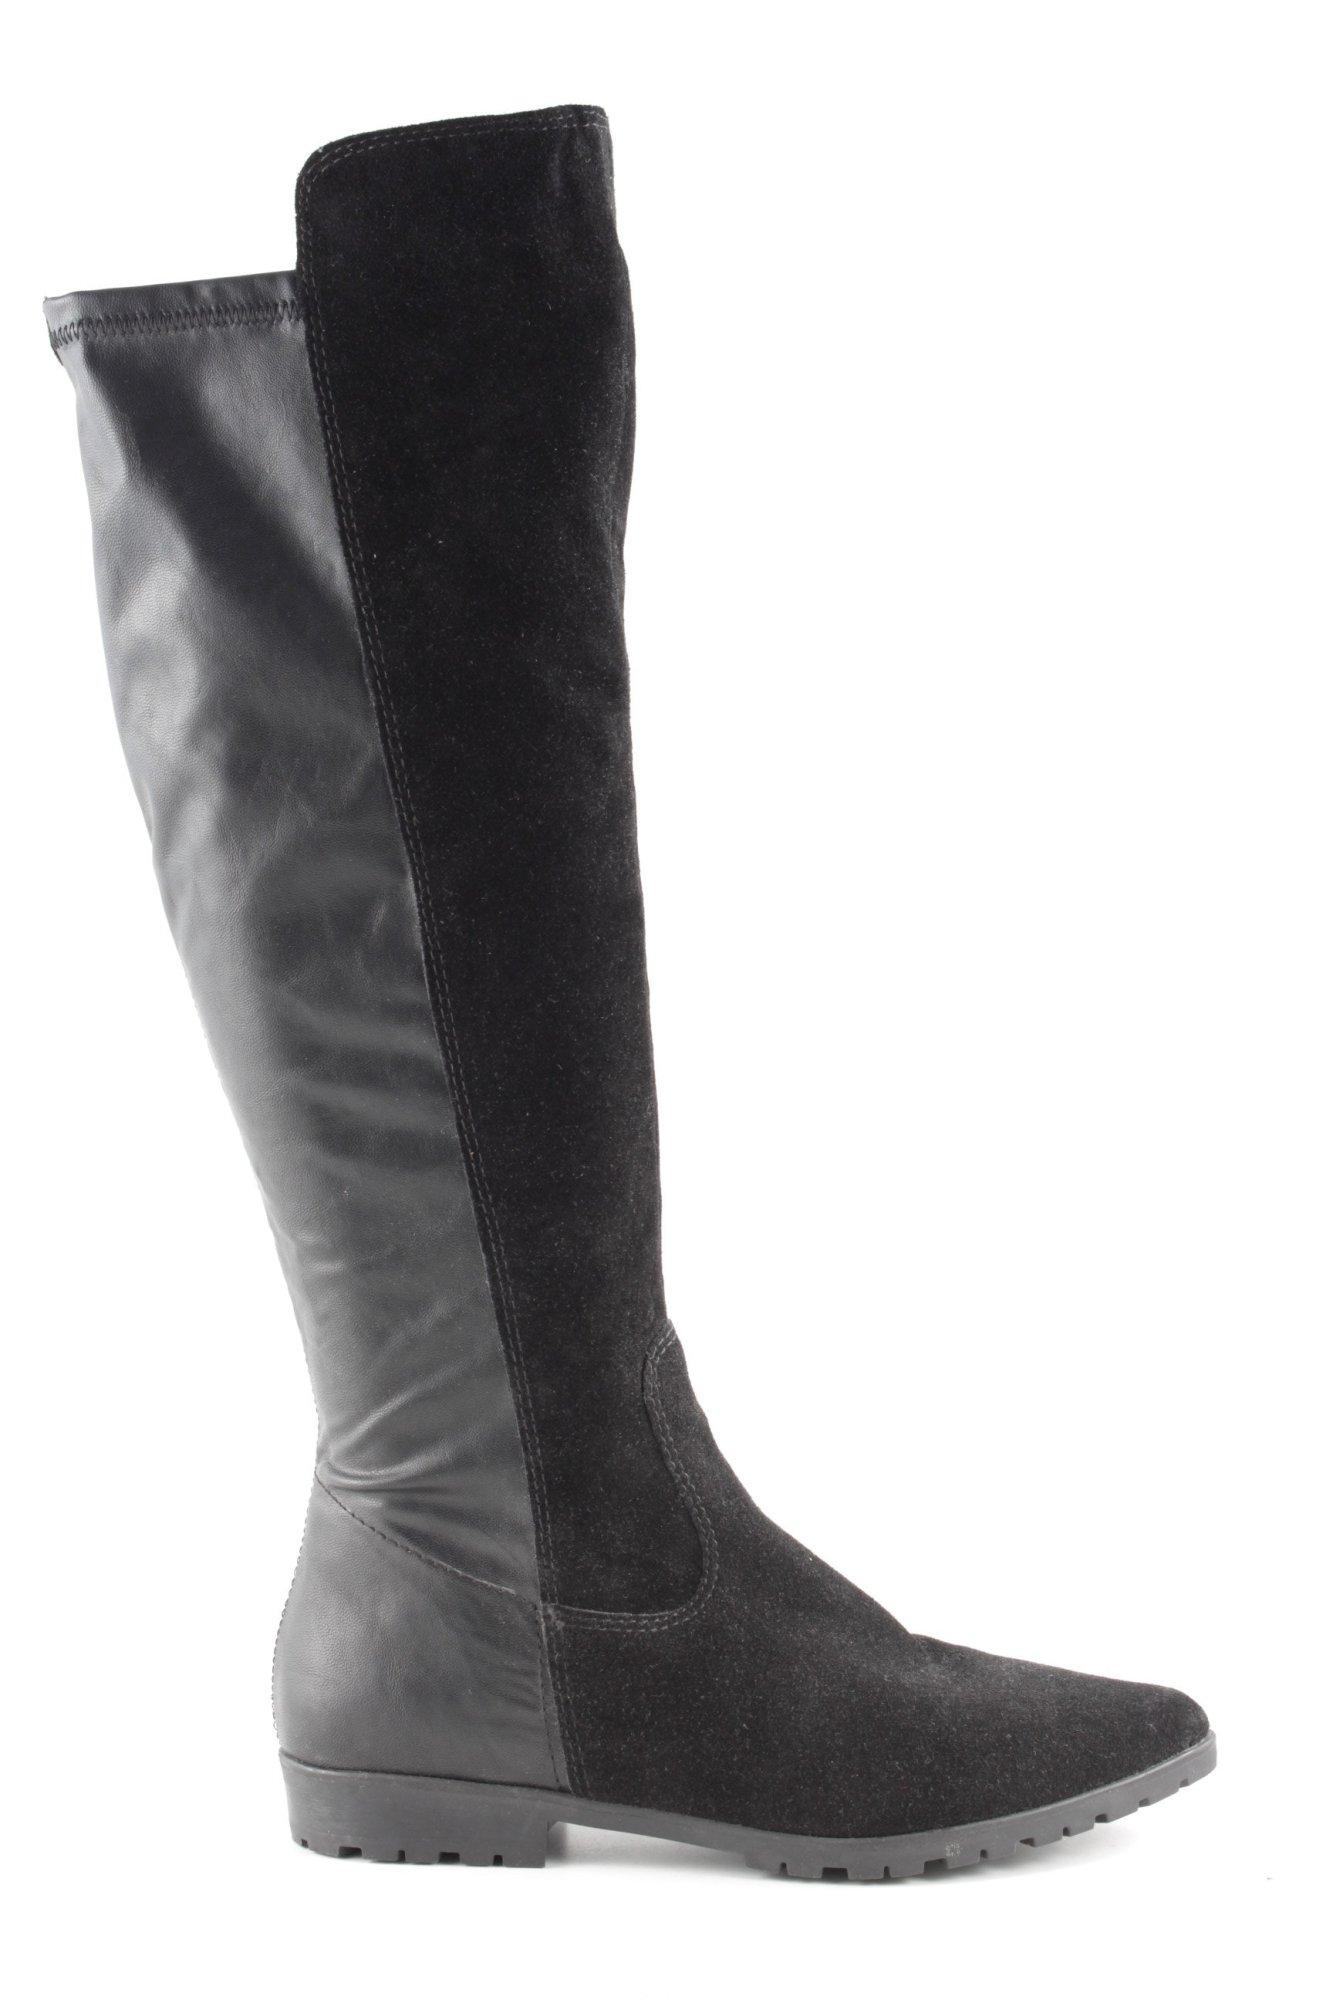 Details zu Tamaris Stiefel Weitschaft Weite L XL camel braun Gr 39 Boots brown beige 34